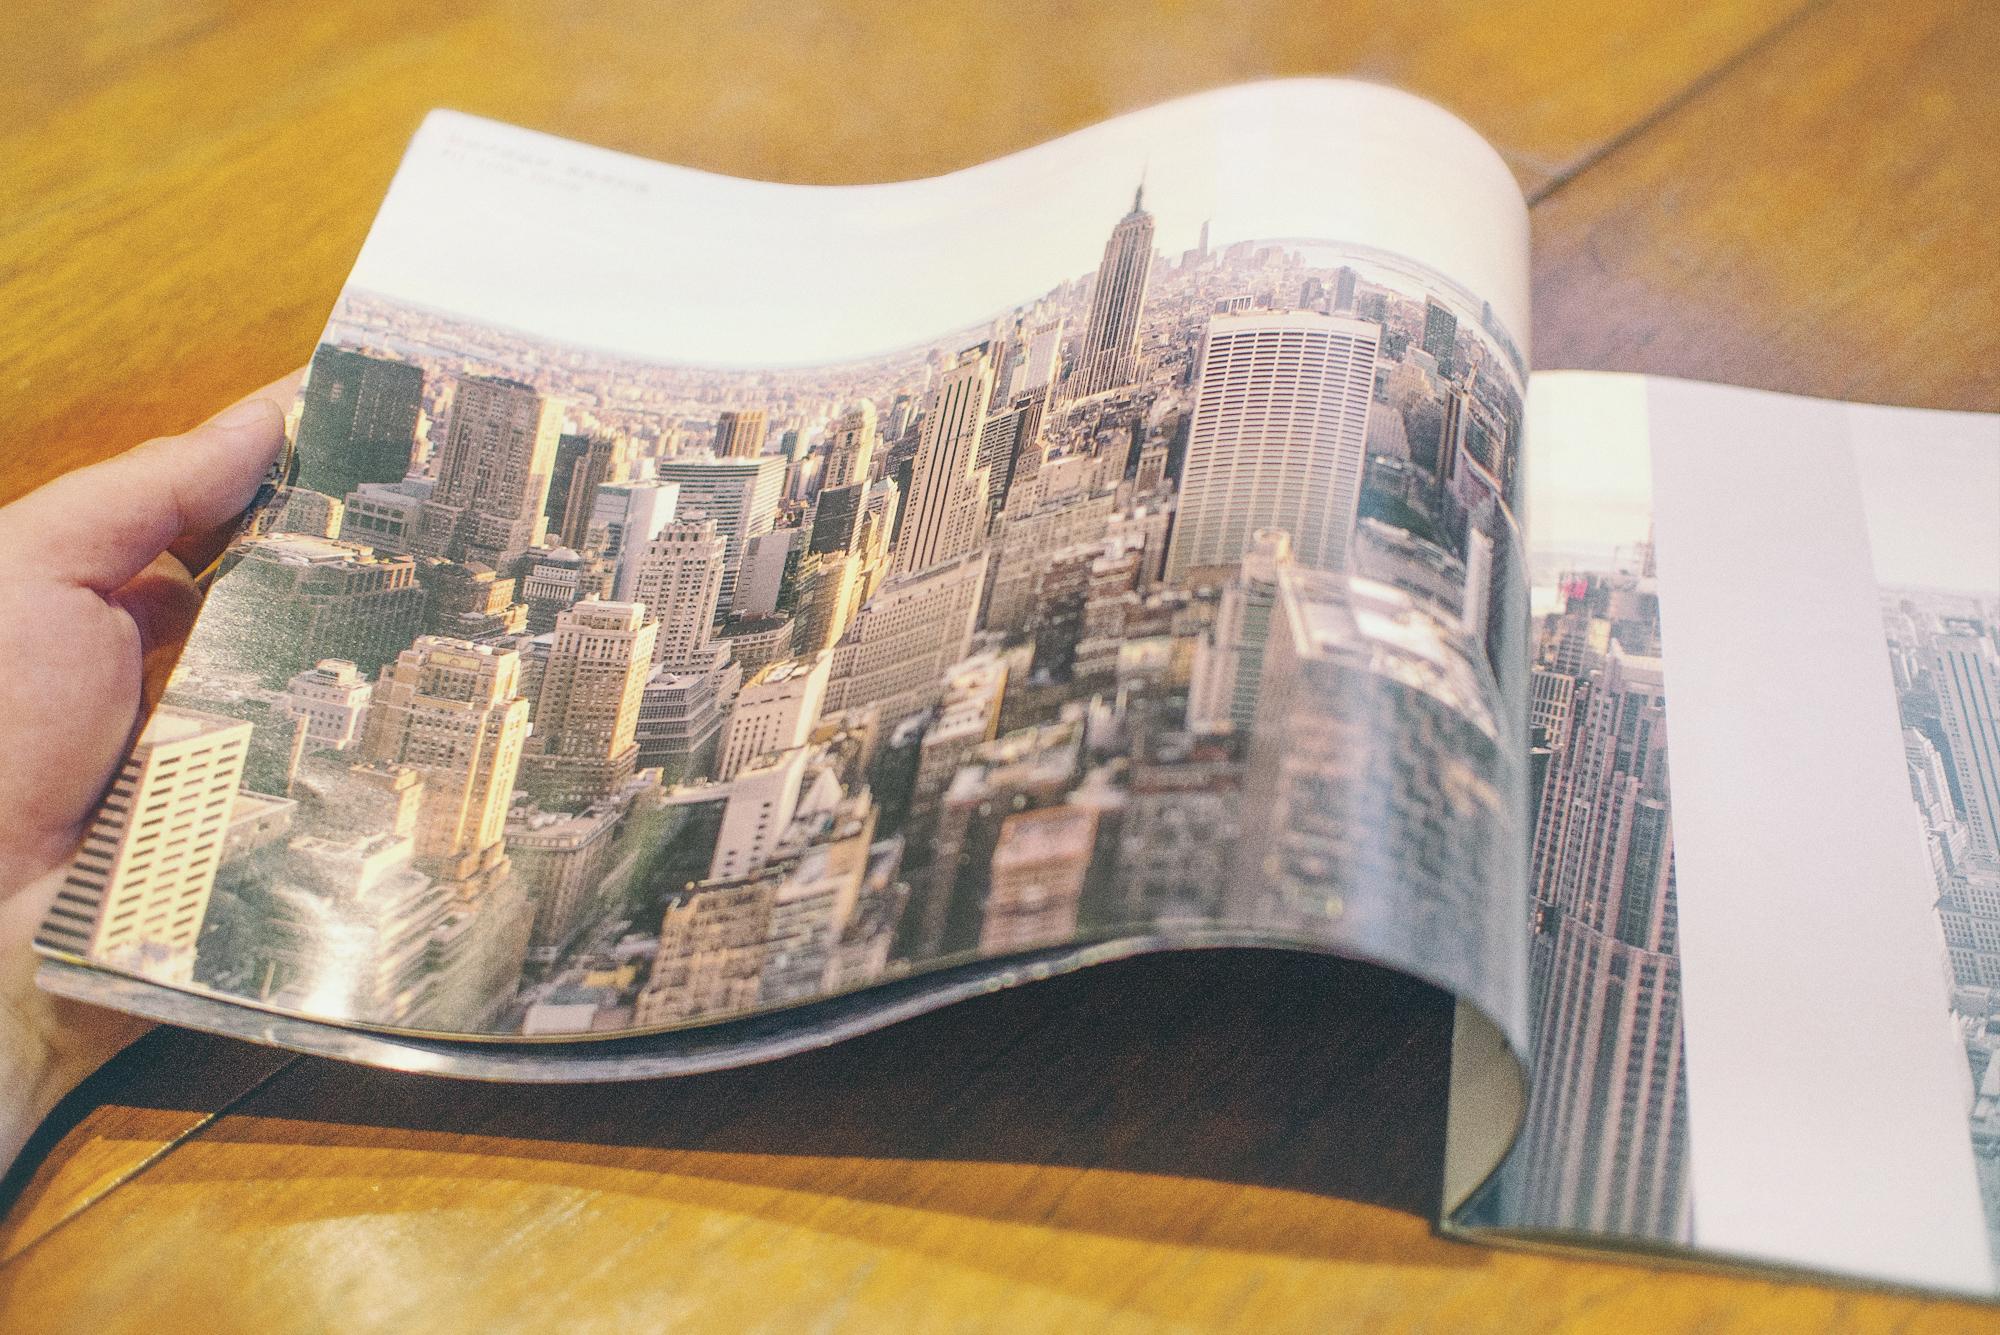 Canon_G1XMK2_Booklet.jpg